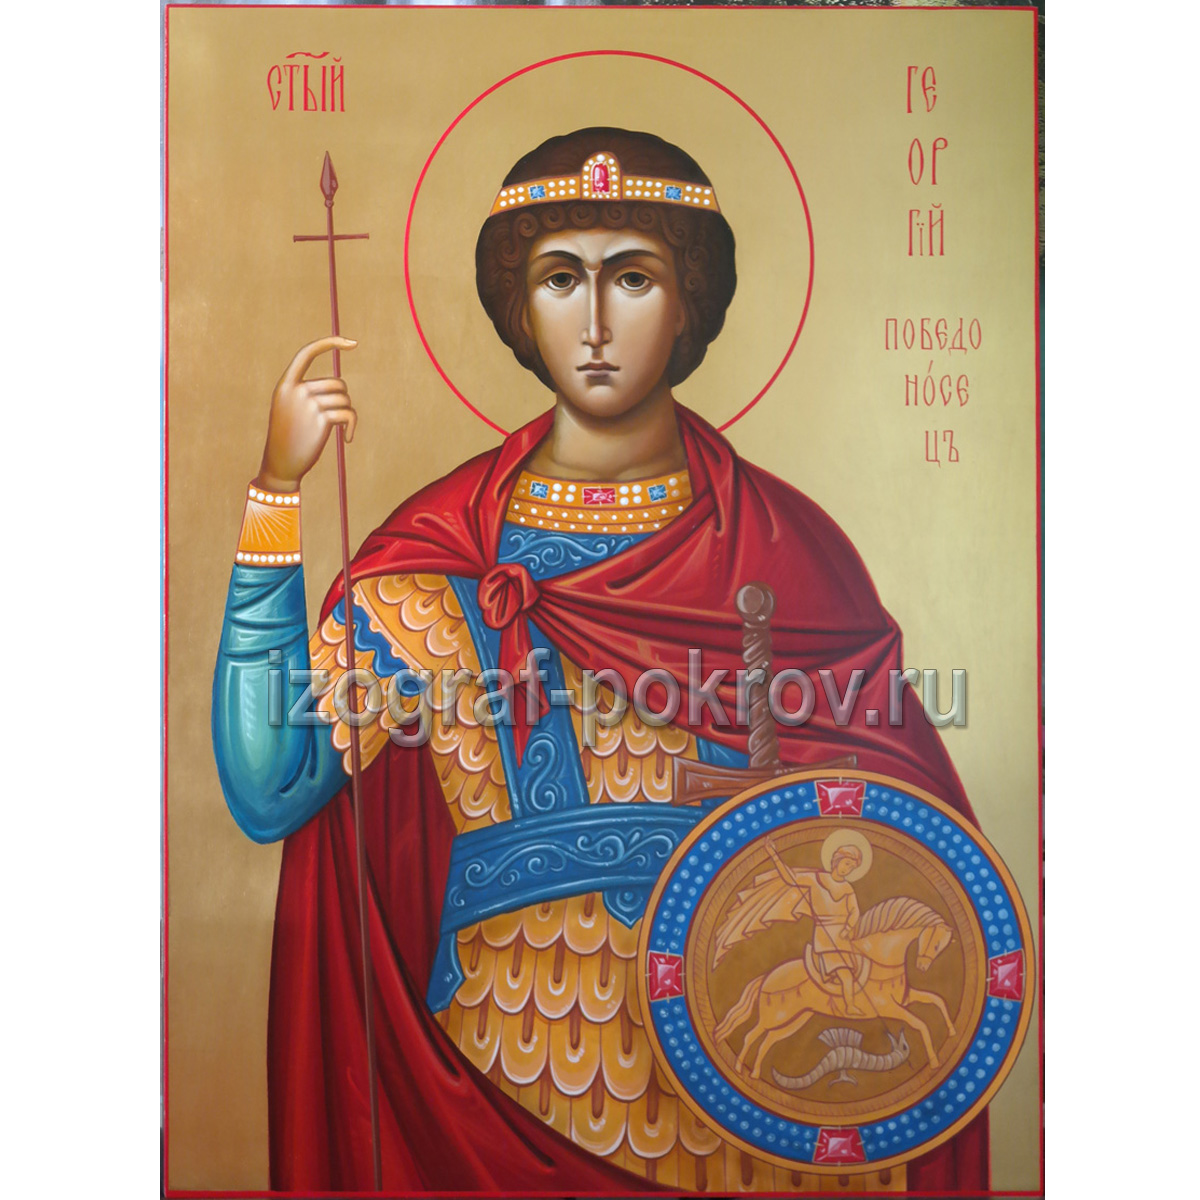 Икона мученика Георгия Победоносца. Иконописная мастеркая при Свято-Покровском храме